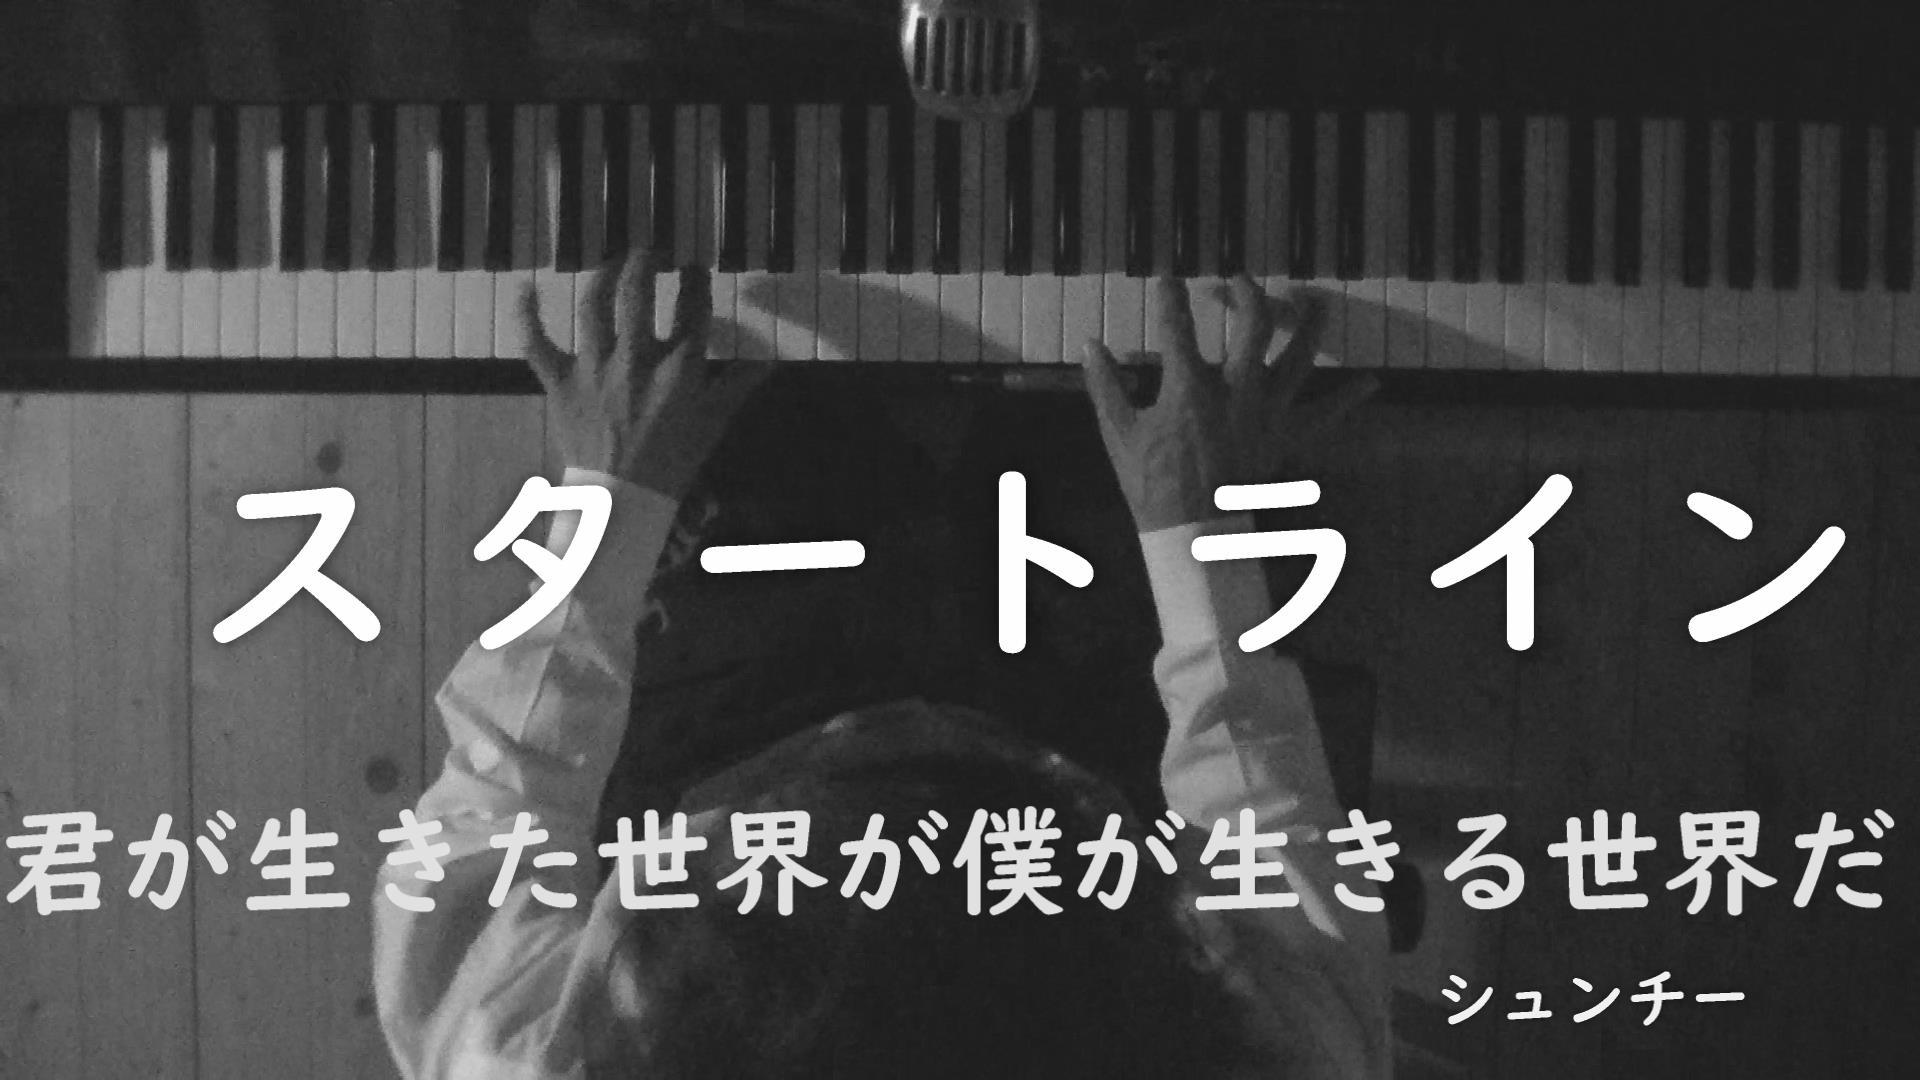 ピアノ弾き語り風PV「スタートライン/俊智」